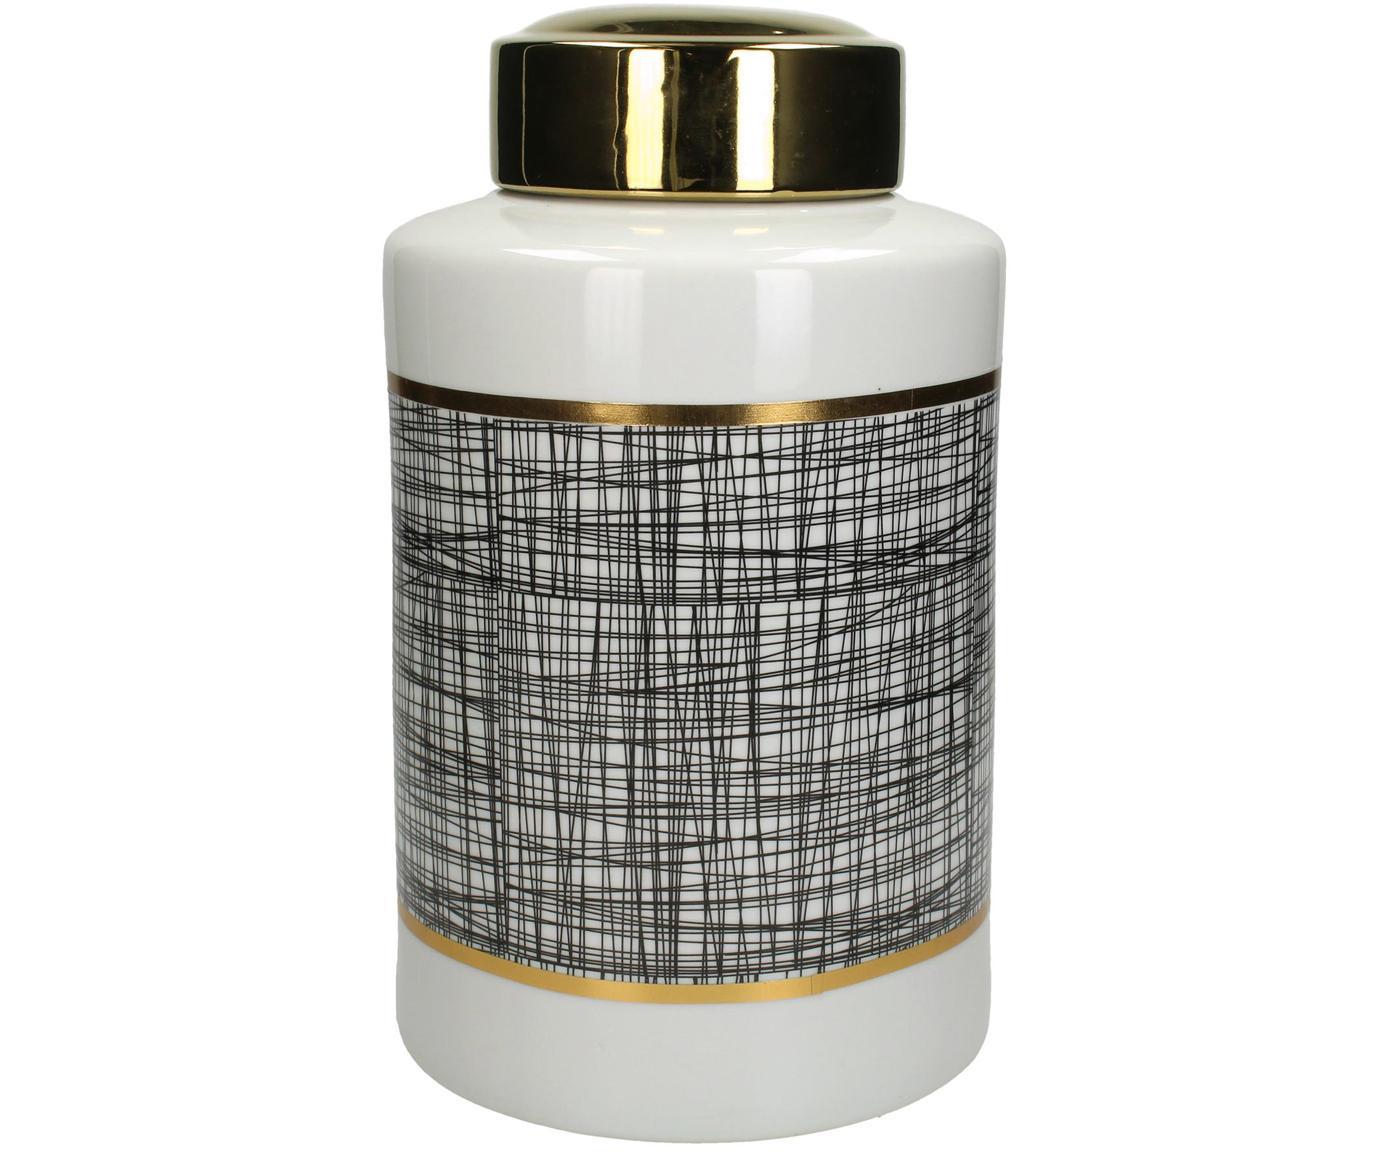 Bote de almacenamiento Lines, Porcelana, Negro, blanco, dorado, Ø 20 x Al 40 cm